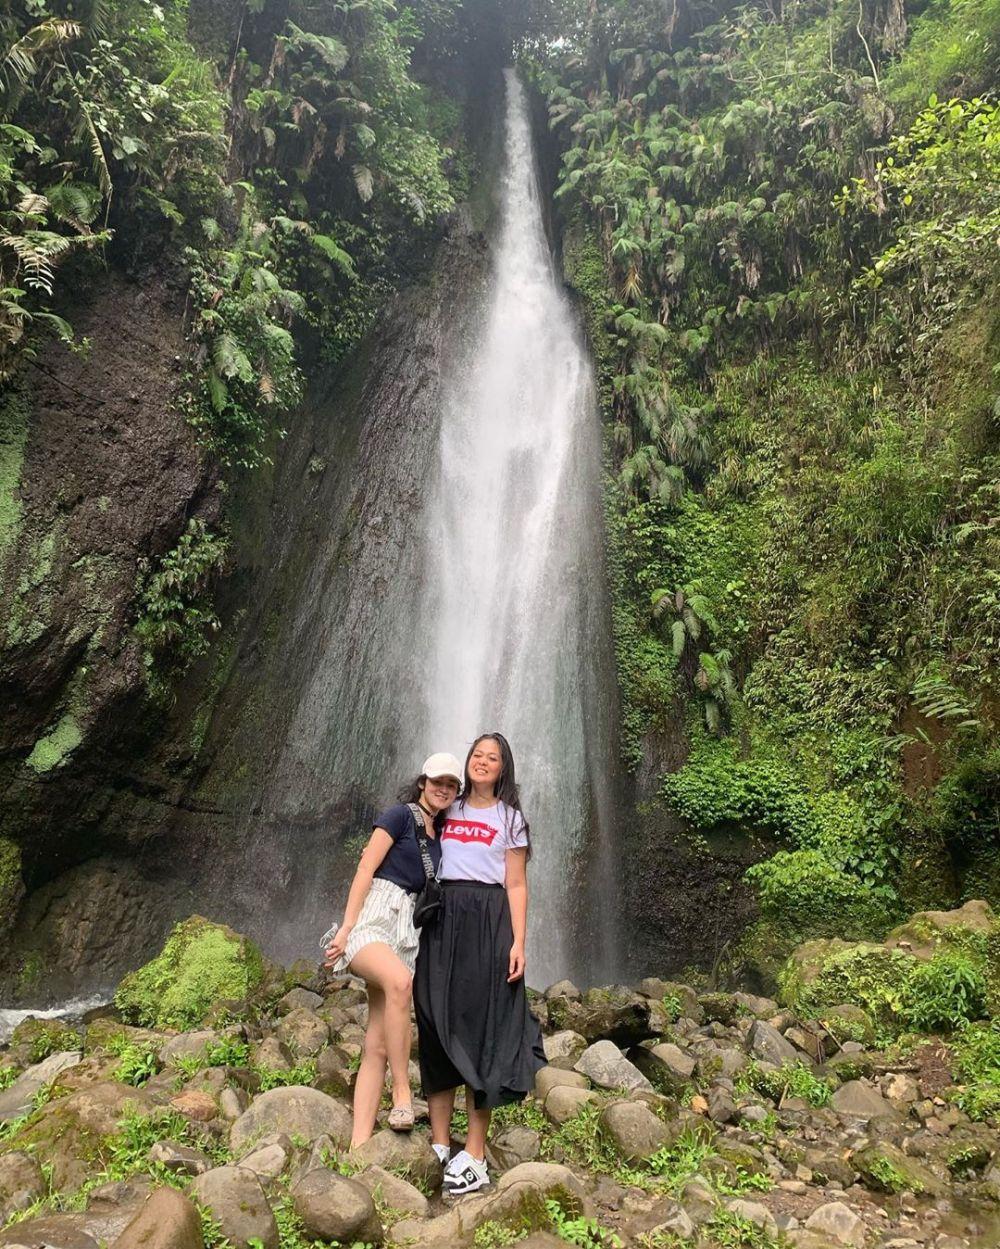 Kisah Gisela Cindy 6 tahun di luar negeri Instagram